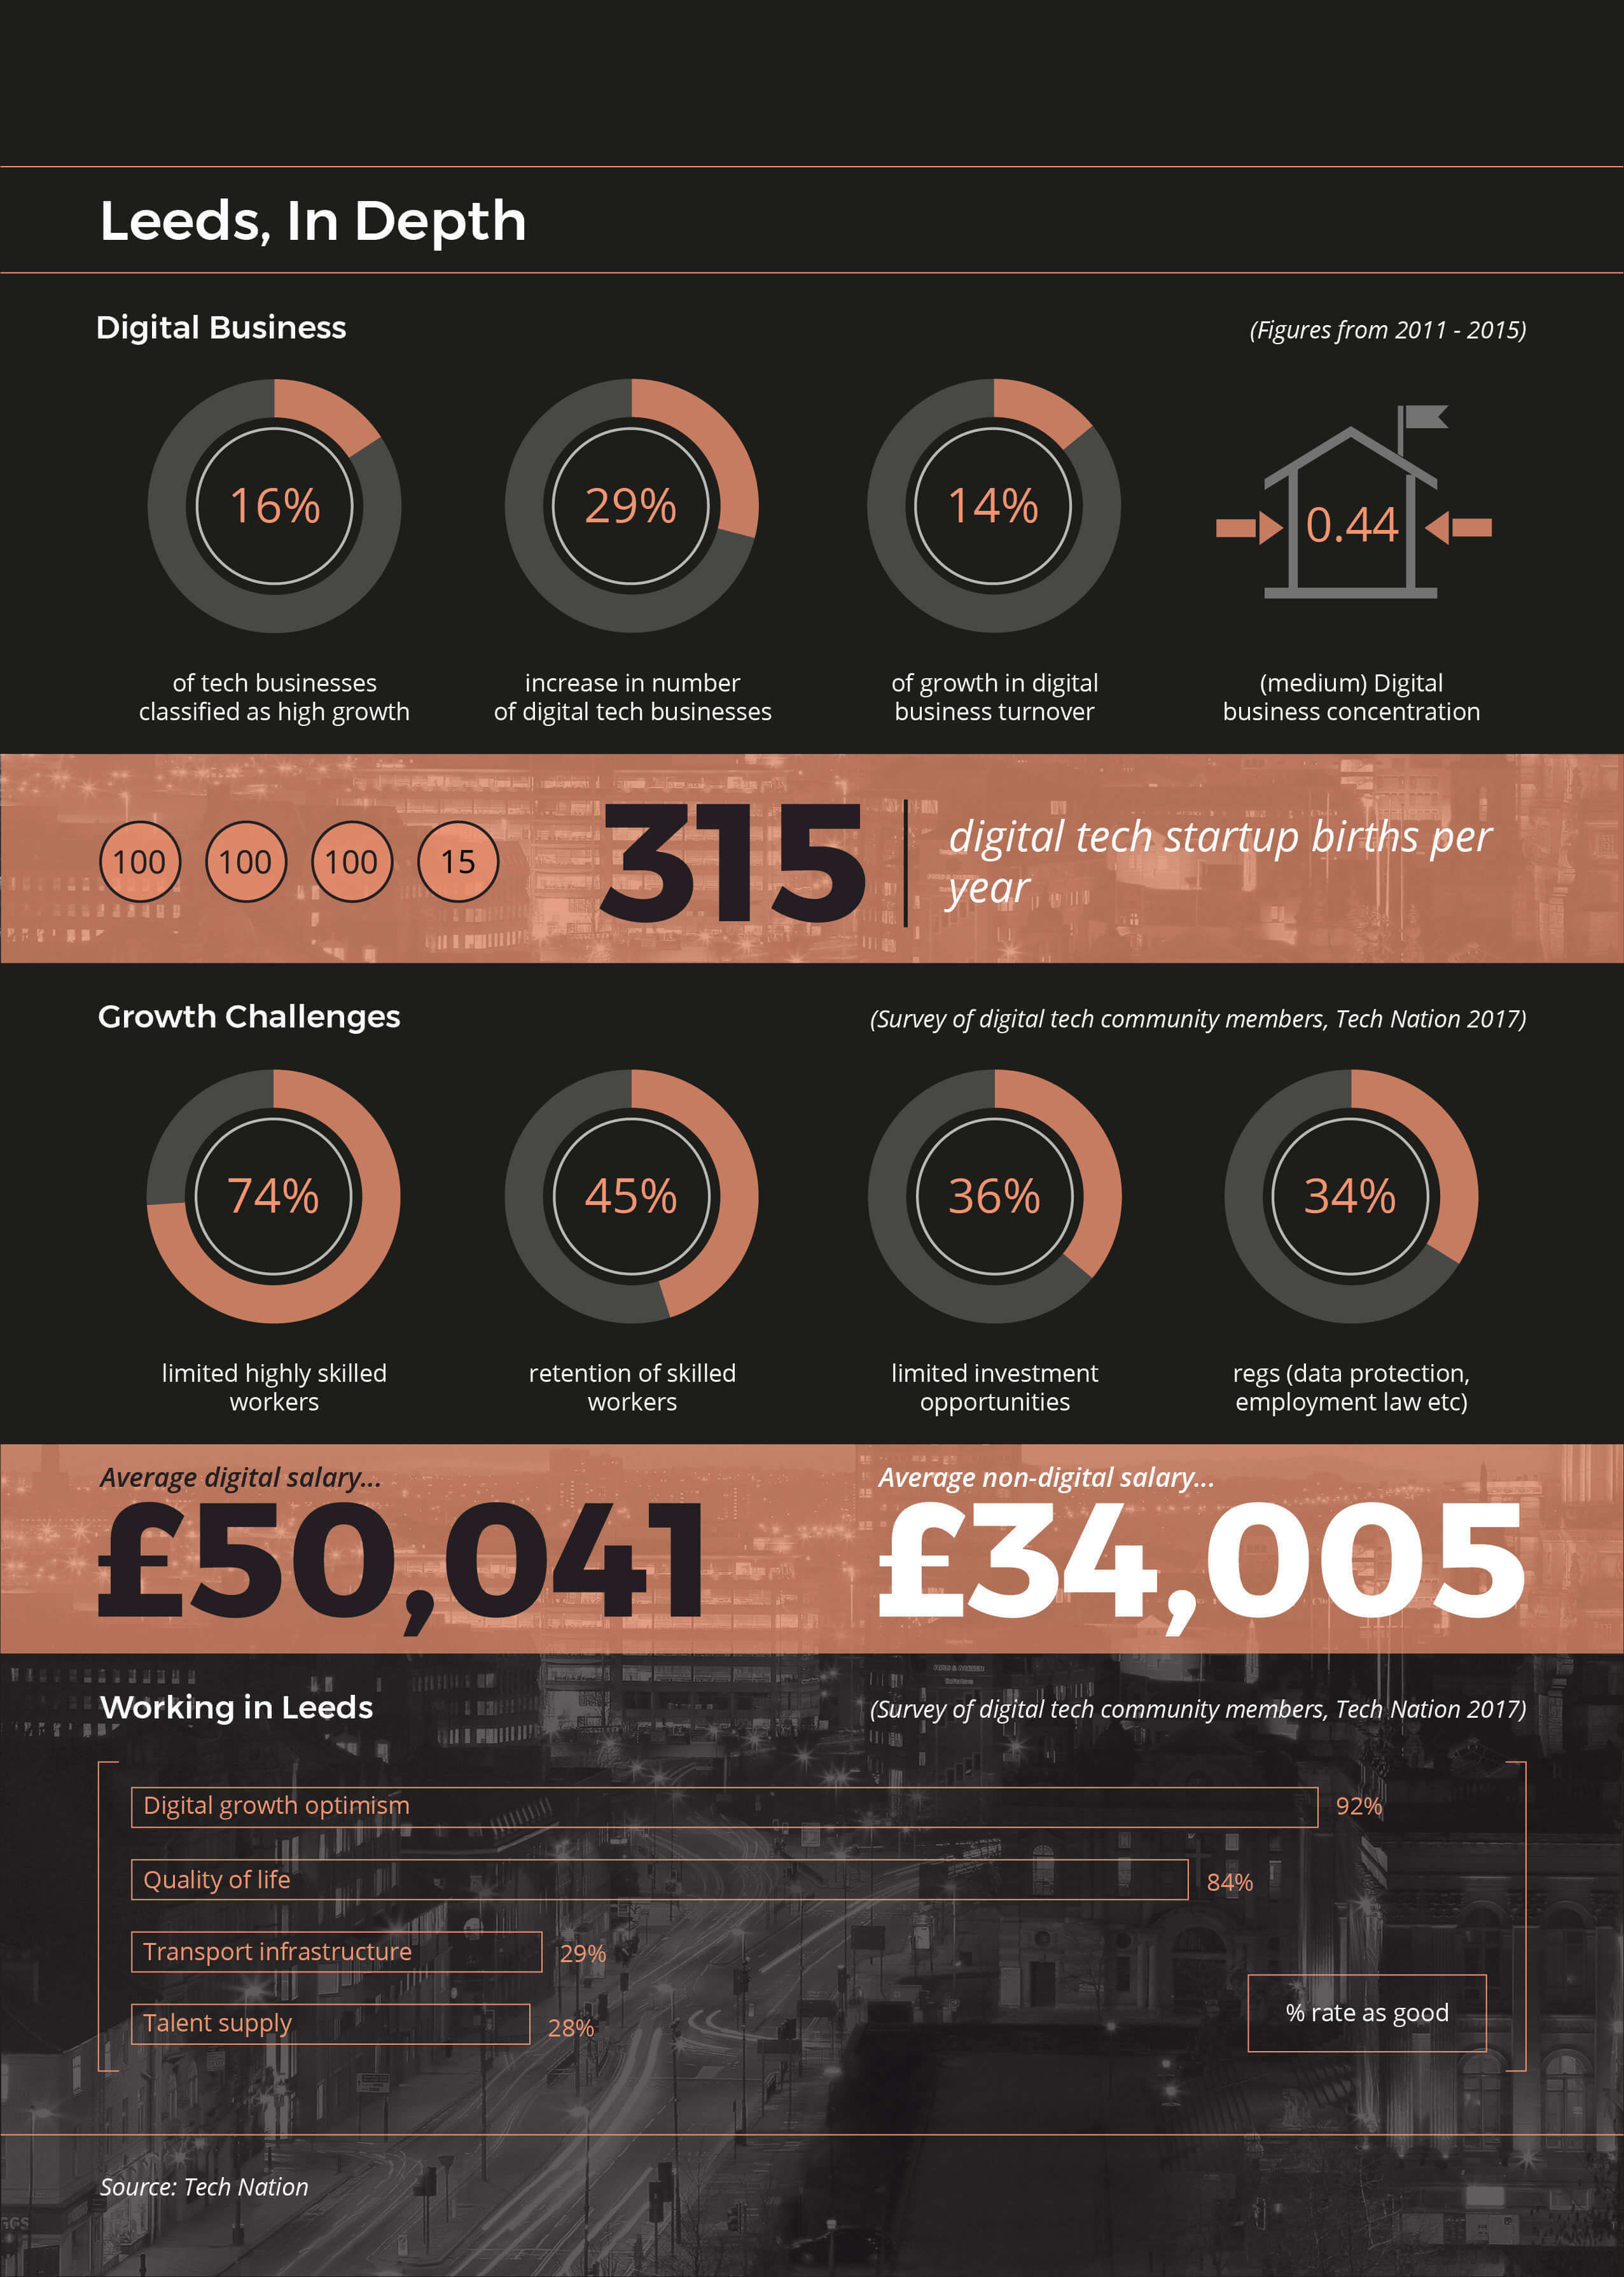 Leeds Digital Economy - In Depth